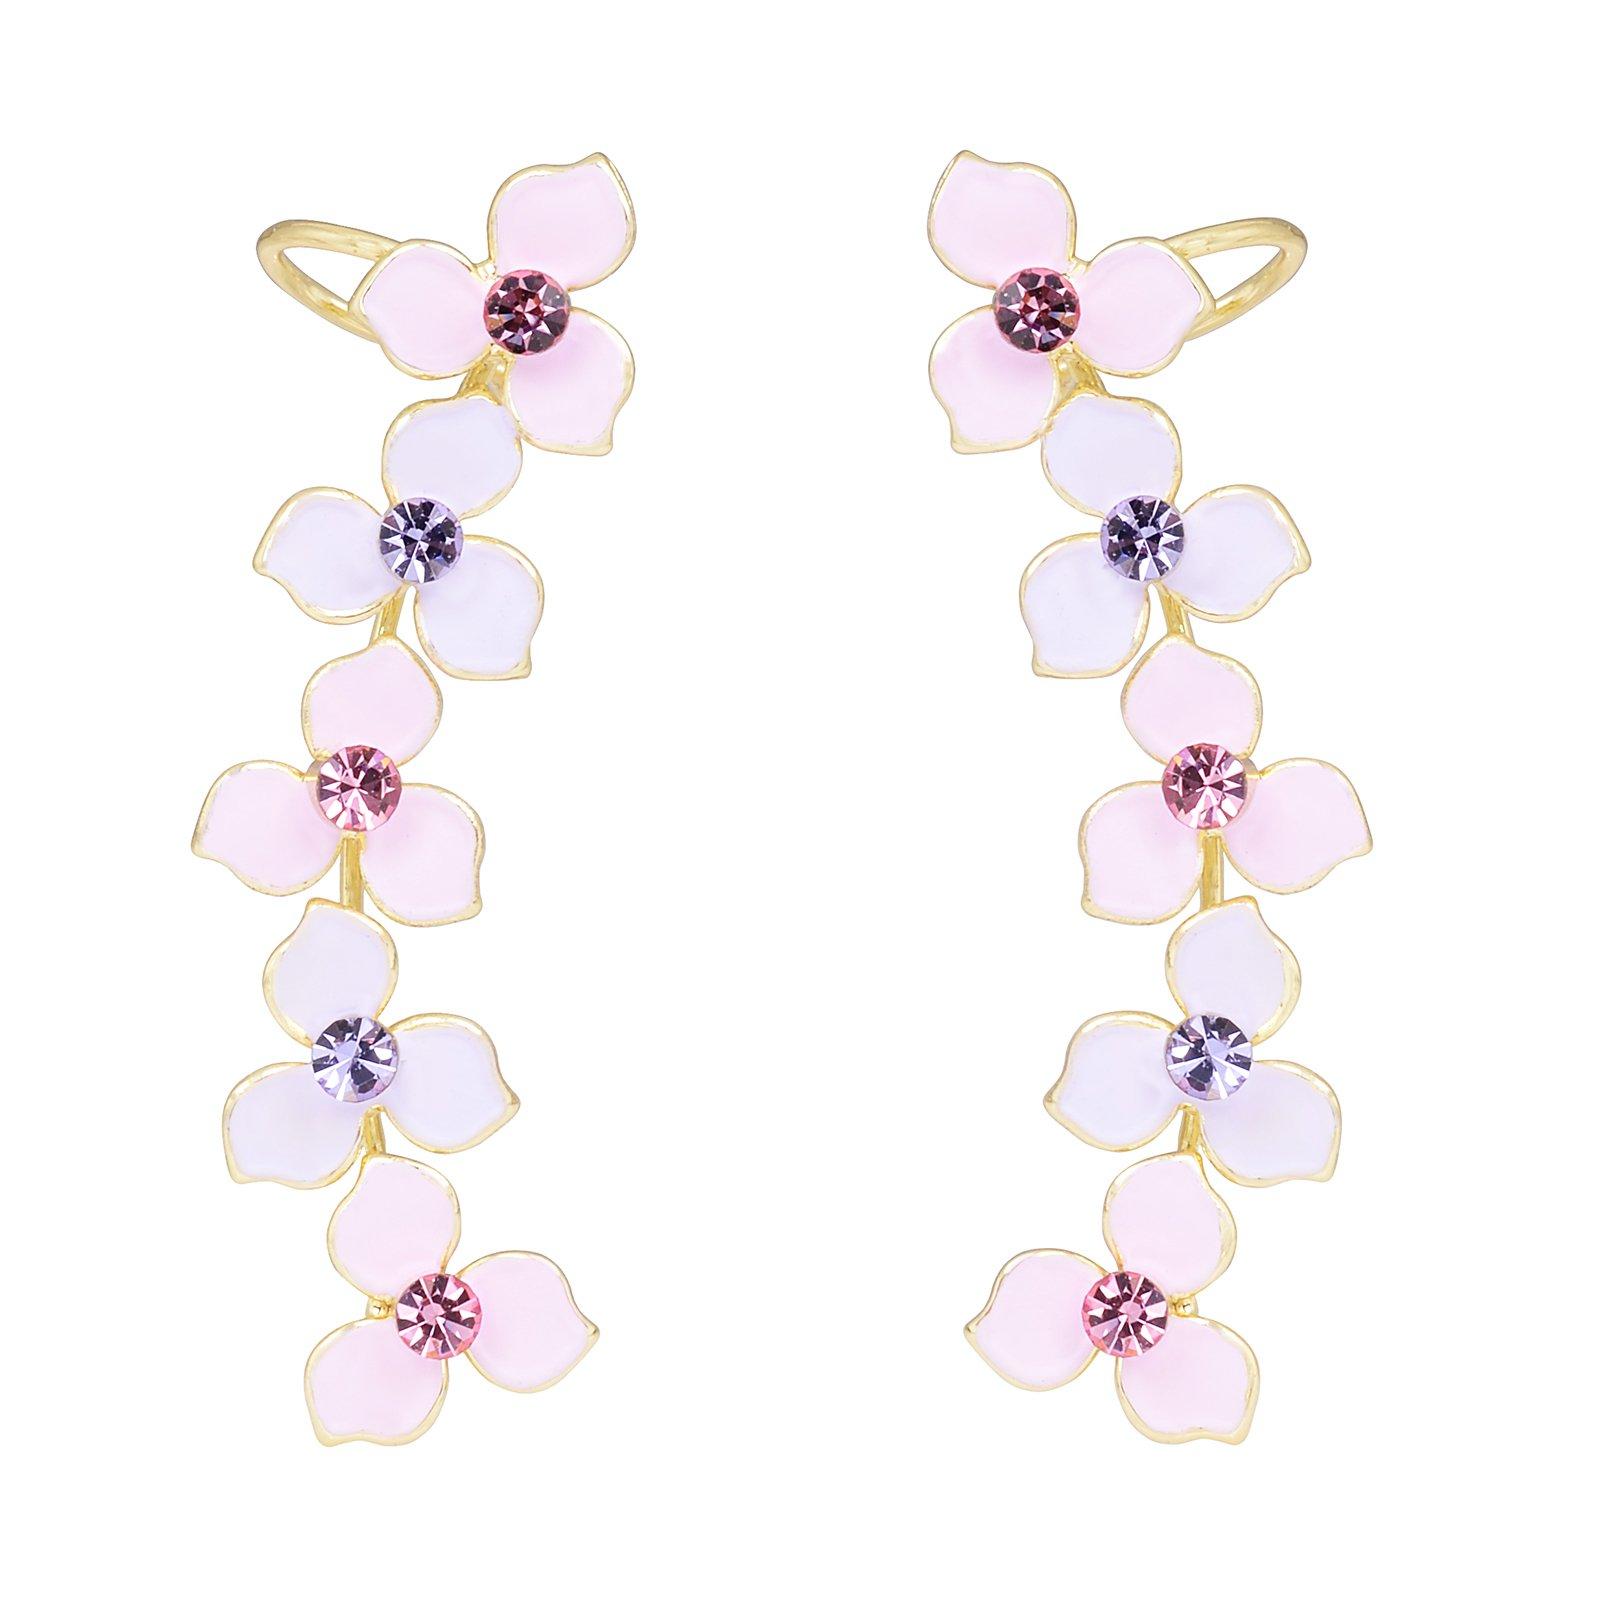 OBONNIE Women Crystal Four Leaf Clover Ear Crawler Earrings Flower Climber Ear Cuff Rhinestone Wrap Pin (Pink)